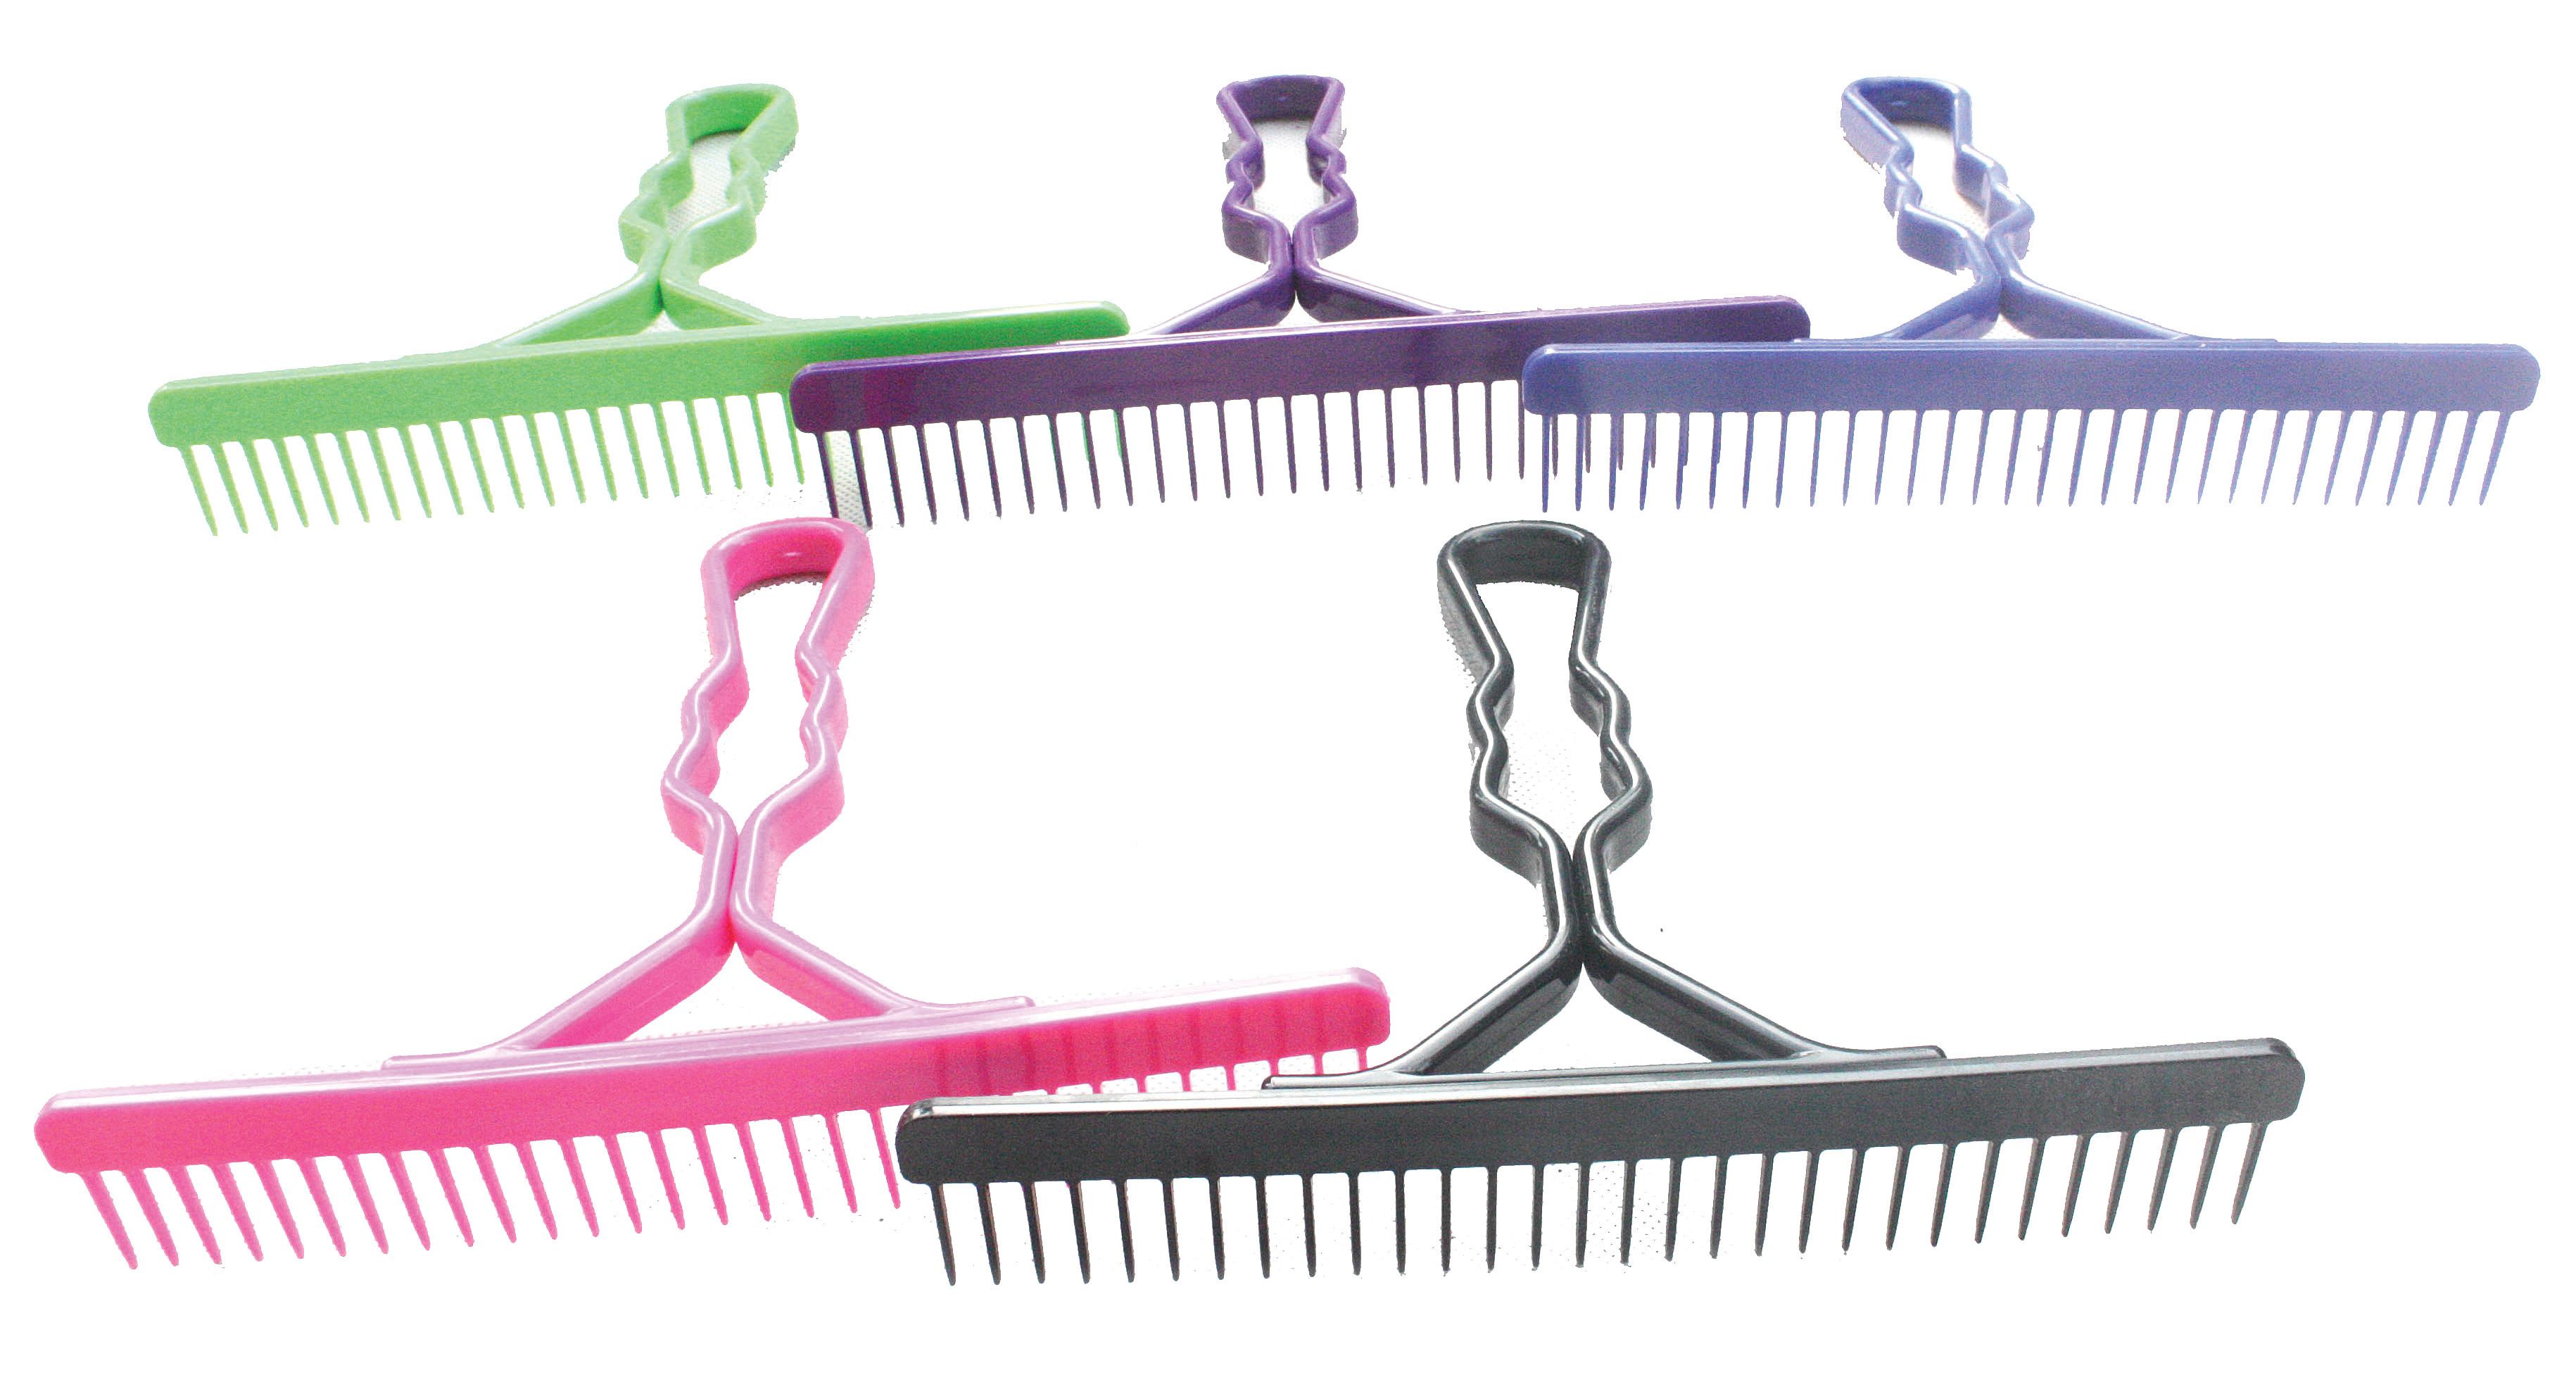 Partrade Skip Tooth Comb Plastic